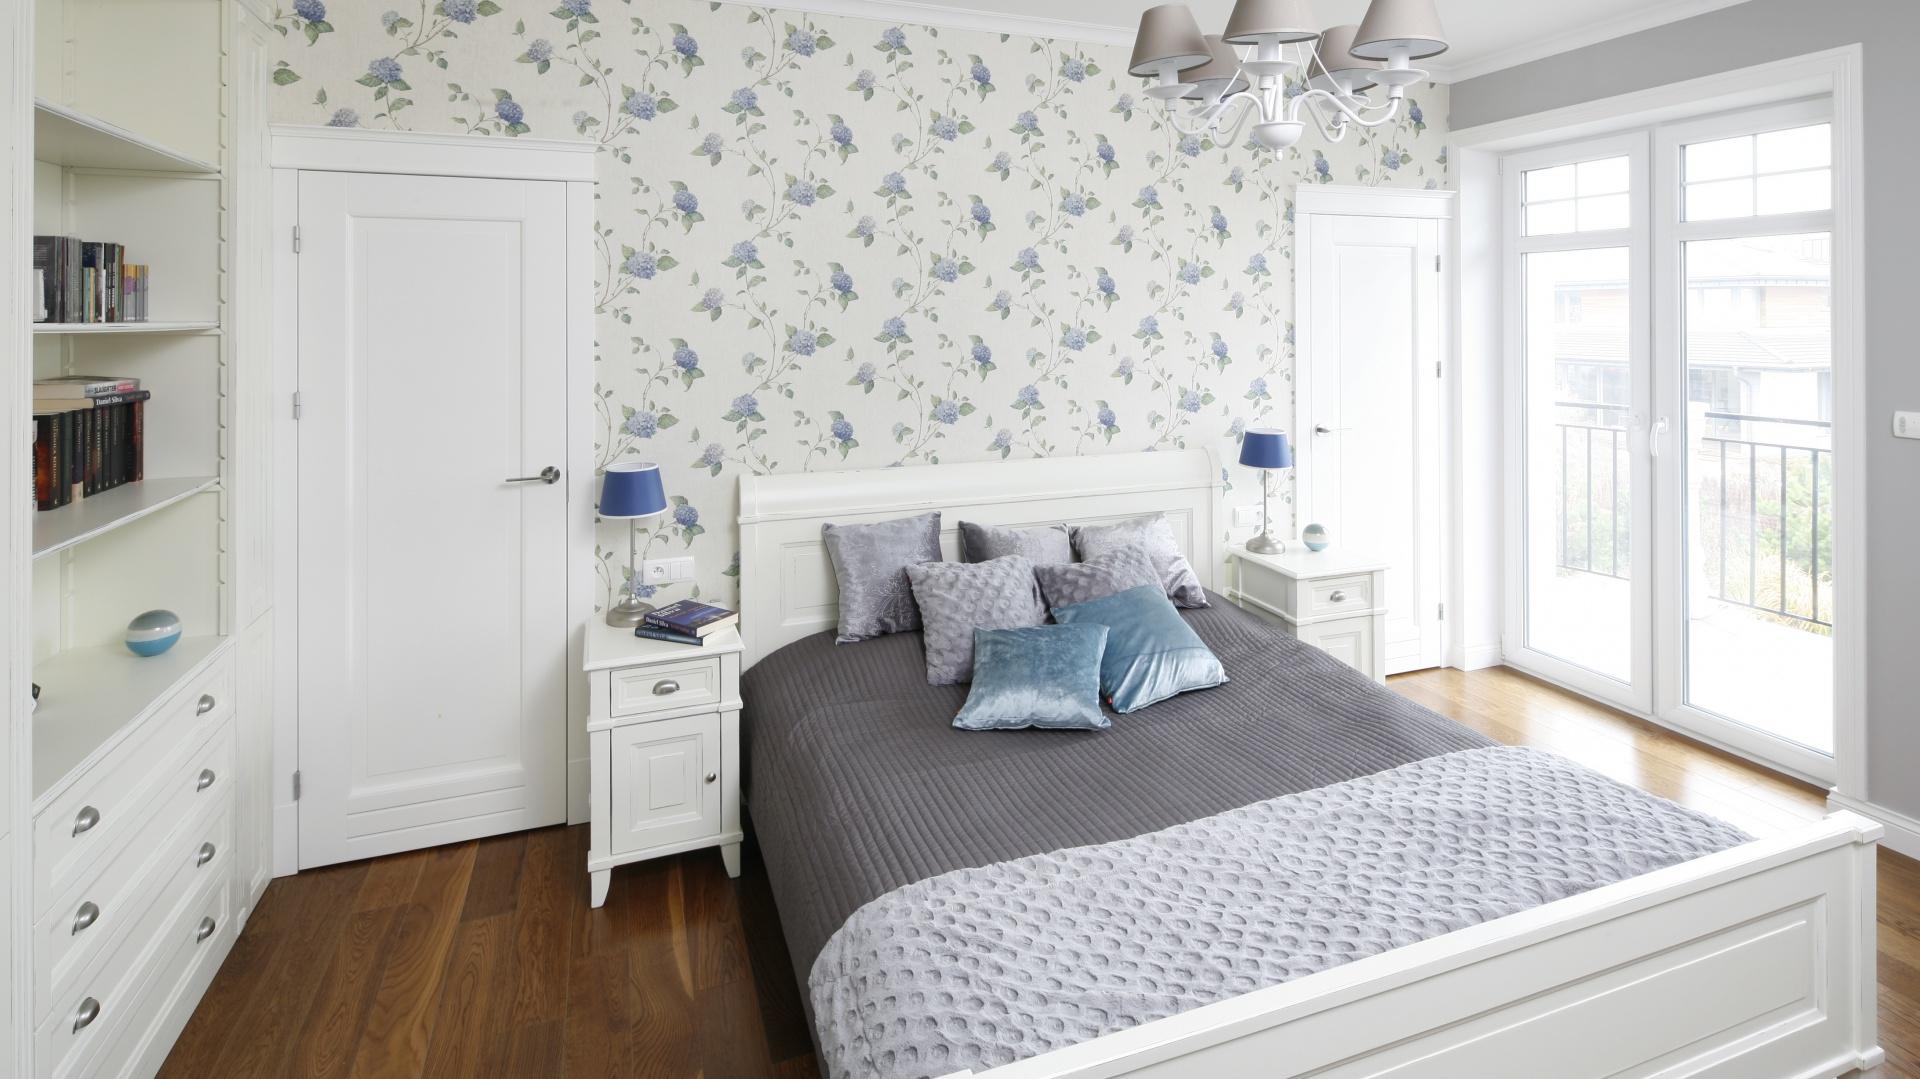 Sypialnia urządzona w prowansalskim stylu jest bardzo jasna i przestonna. Projekt: Maciejka Peszyńska-Drews. Fot. Bartosz Jarosz